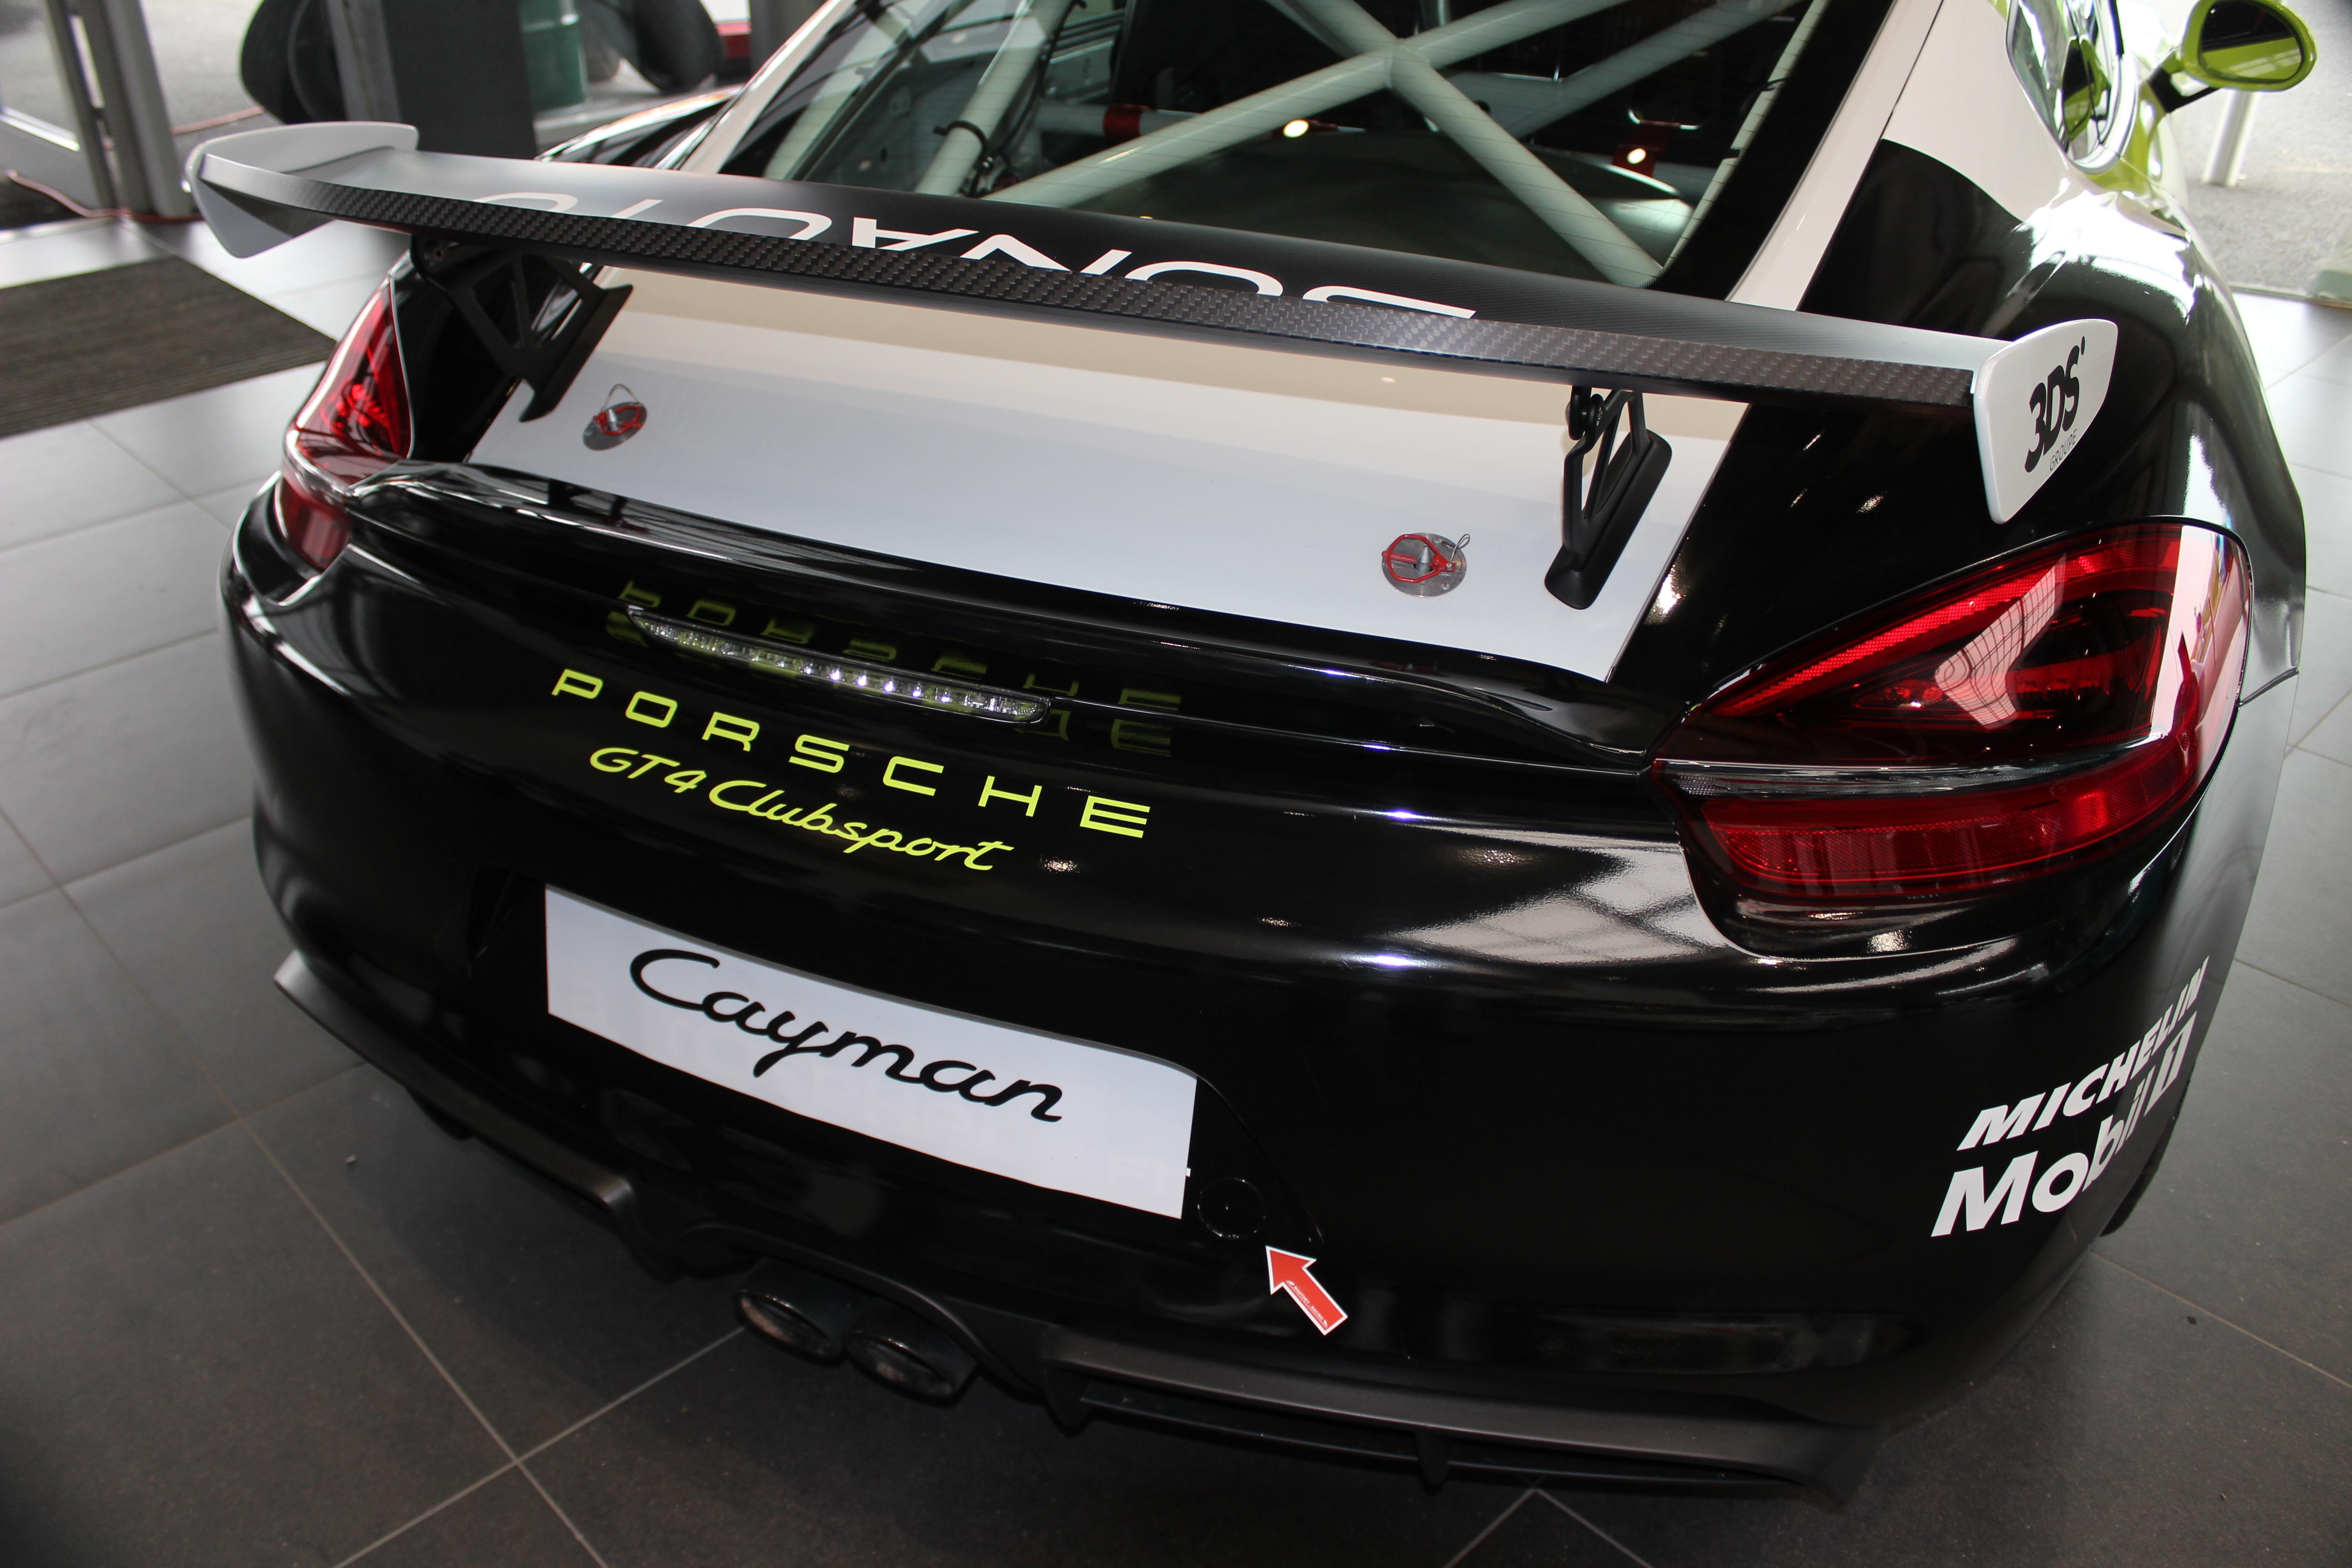 70 Ans Centre Porsche ROISSY Sonauto Img_6639